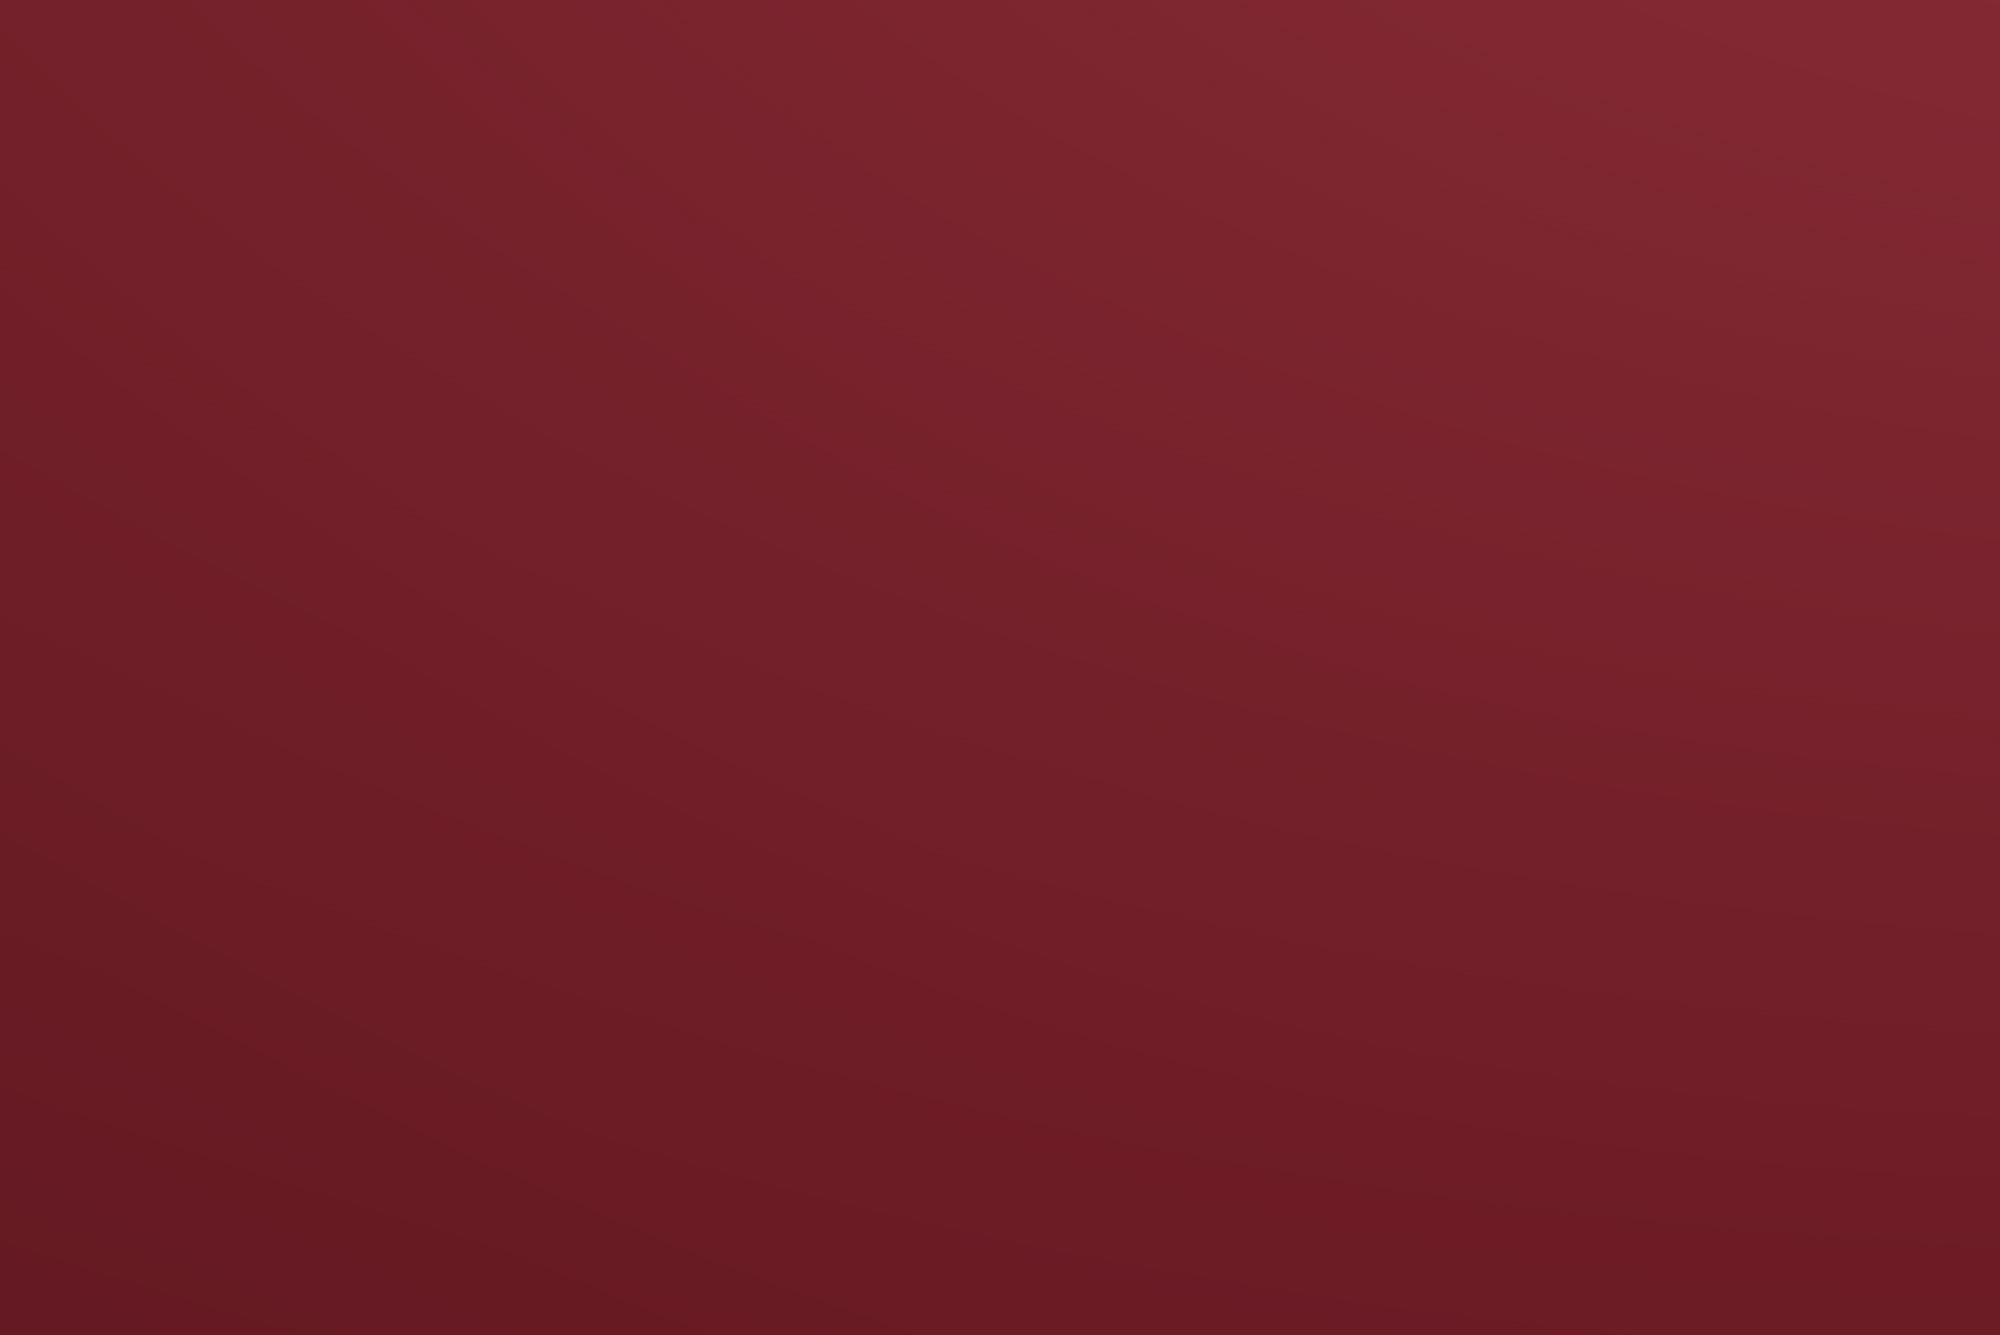 Rojo Burdeos